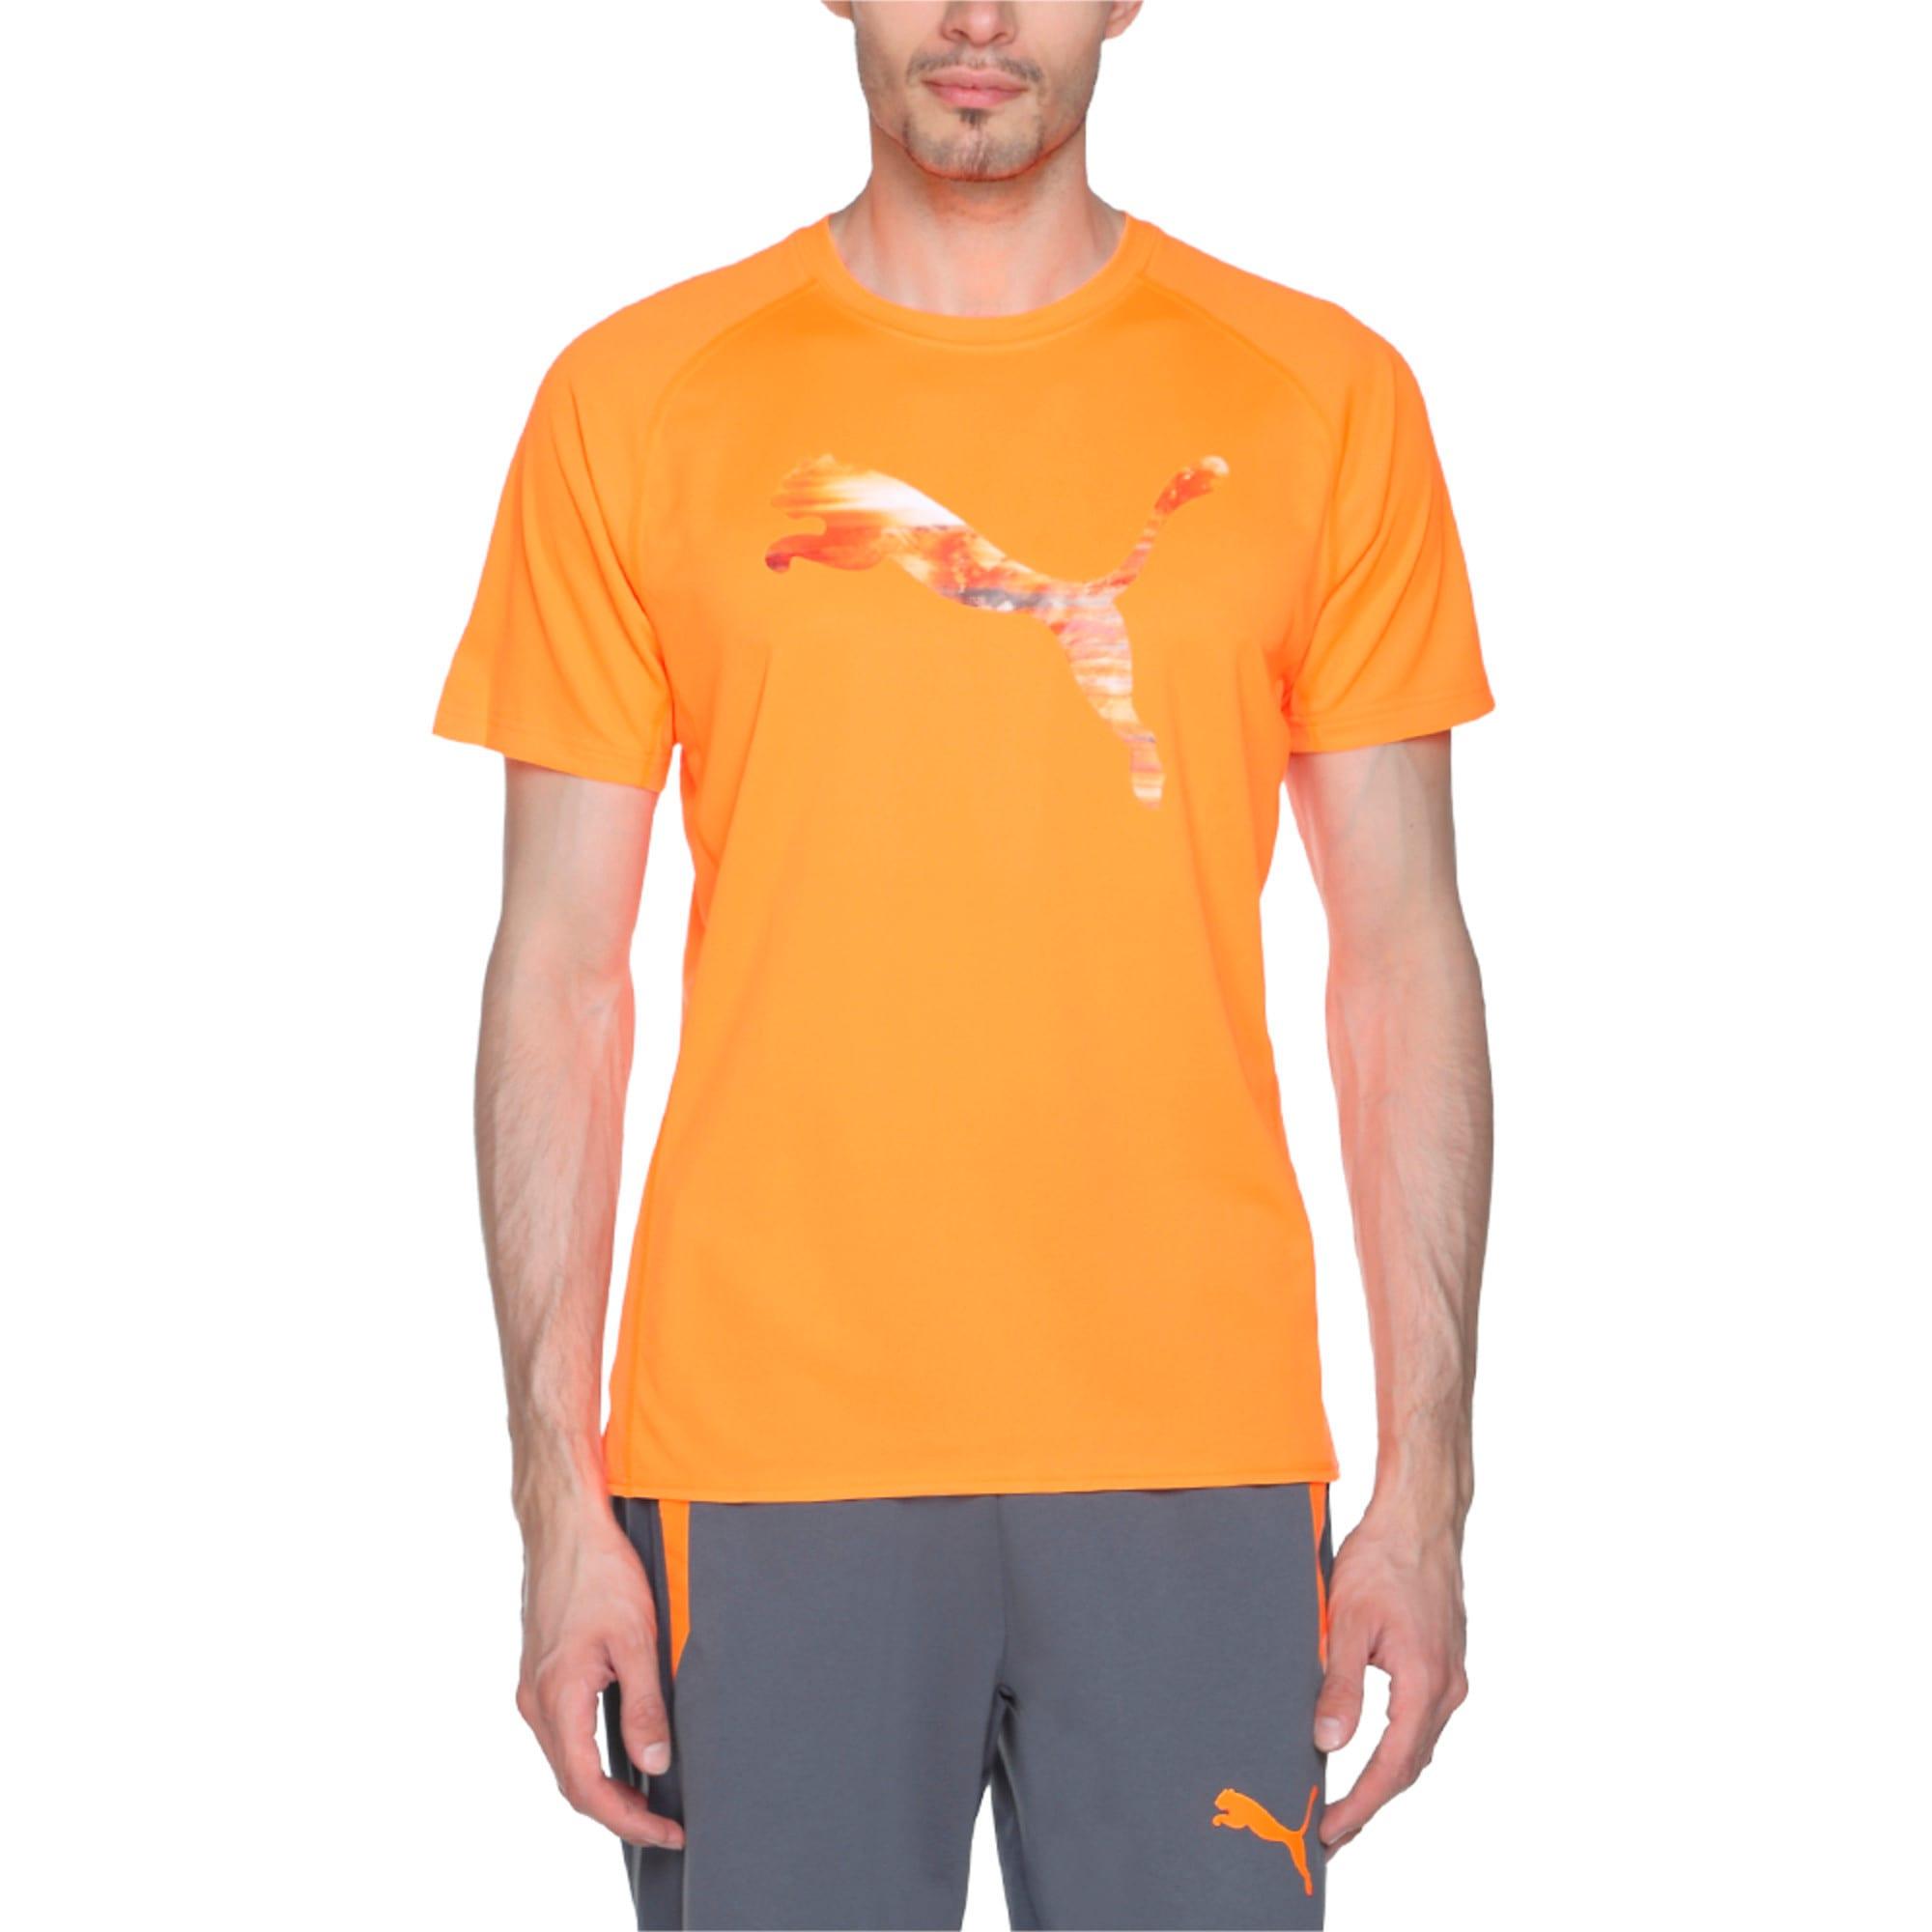 Thumbnail 1 of Running Logo T-Shirt, Shocking Orange, medium-IND